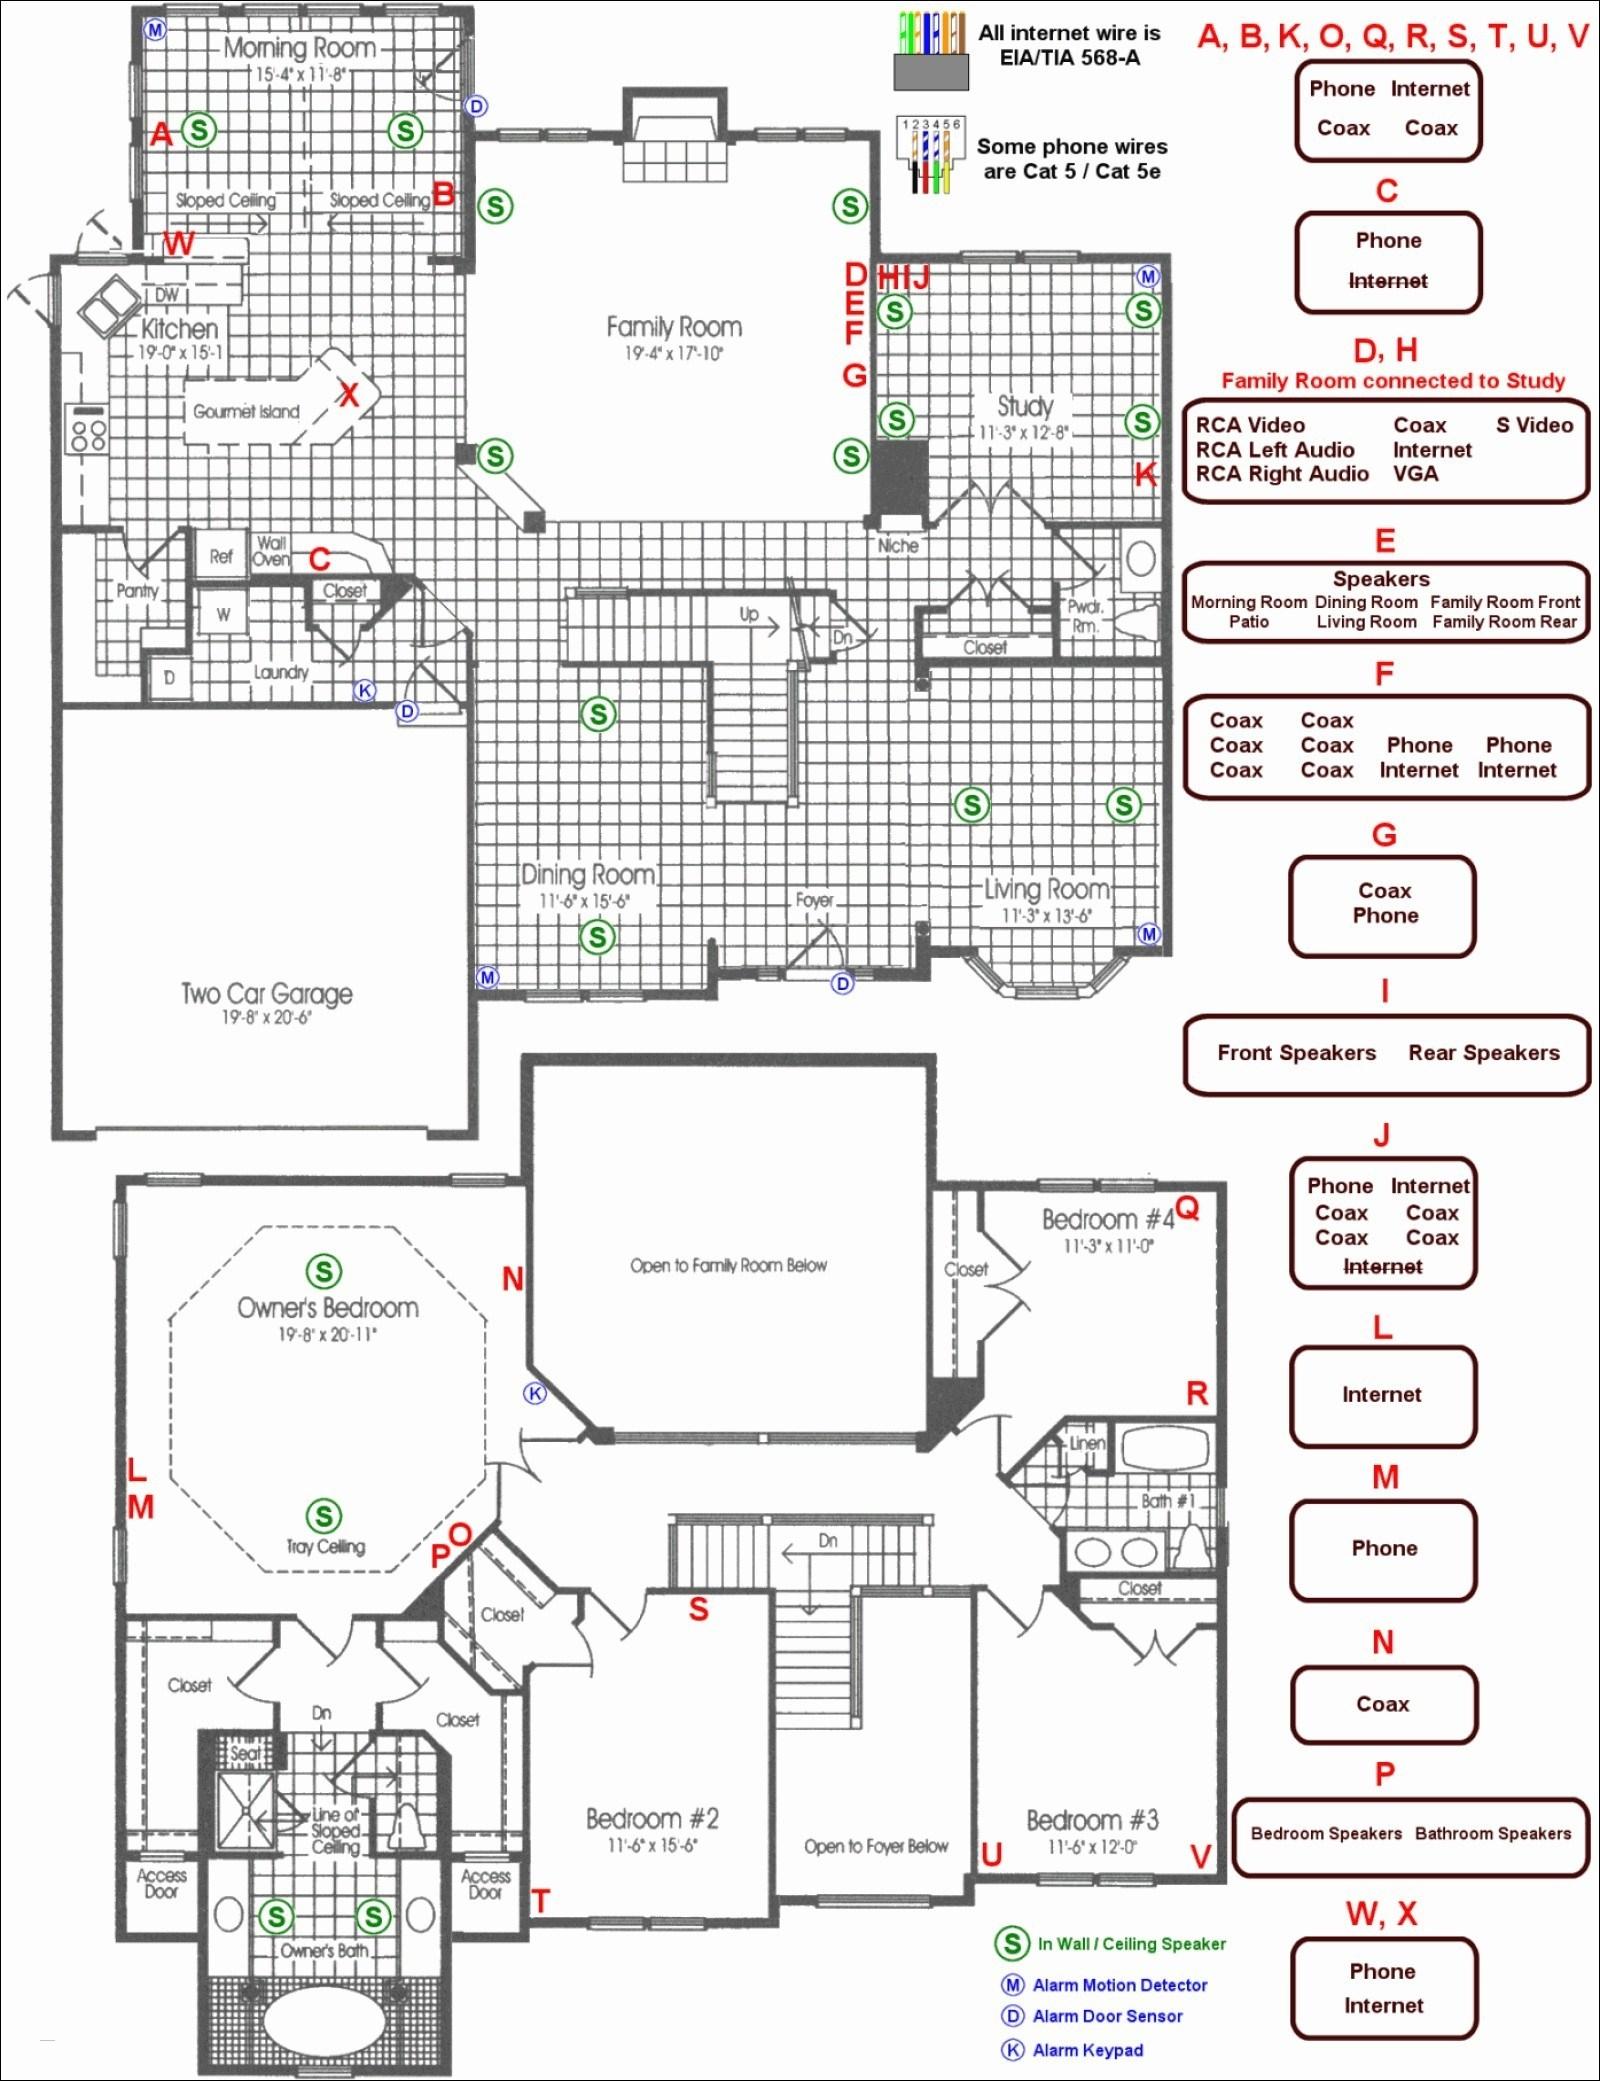 Toyota Electrical Wiring Diagram | Free Wiring Diagram